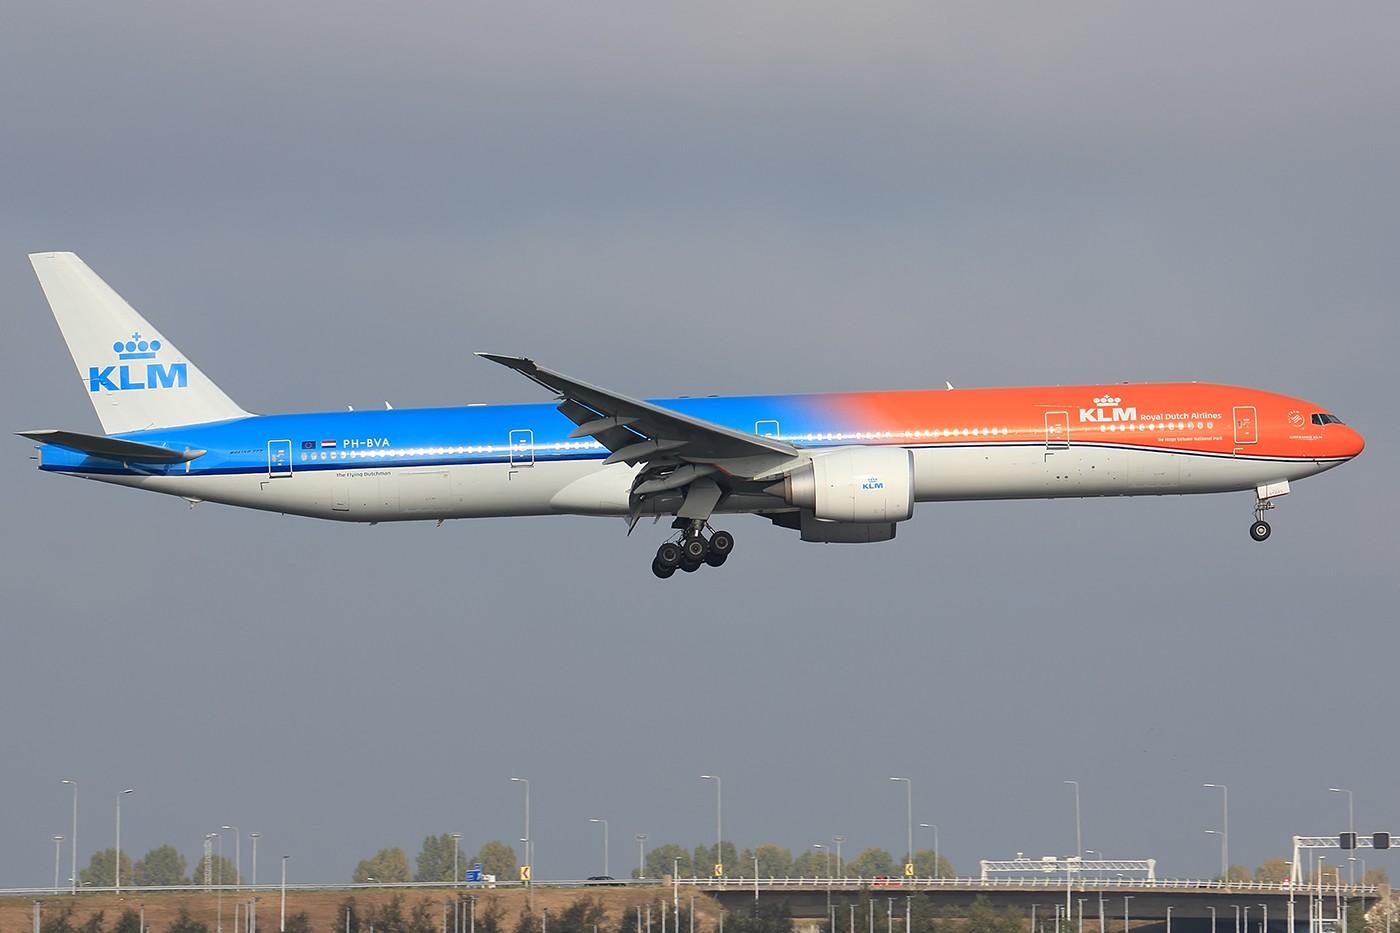 [原创]【AMS】烂天来好货 KLM橙色骄傲77W BOEING 777-300ER PH-BVA 荷兰阿姆斯特丹史基浦机场